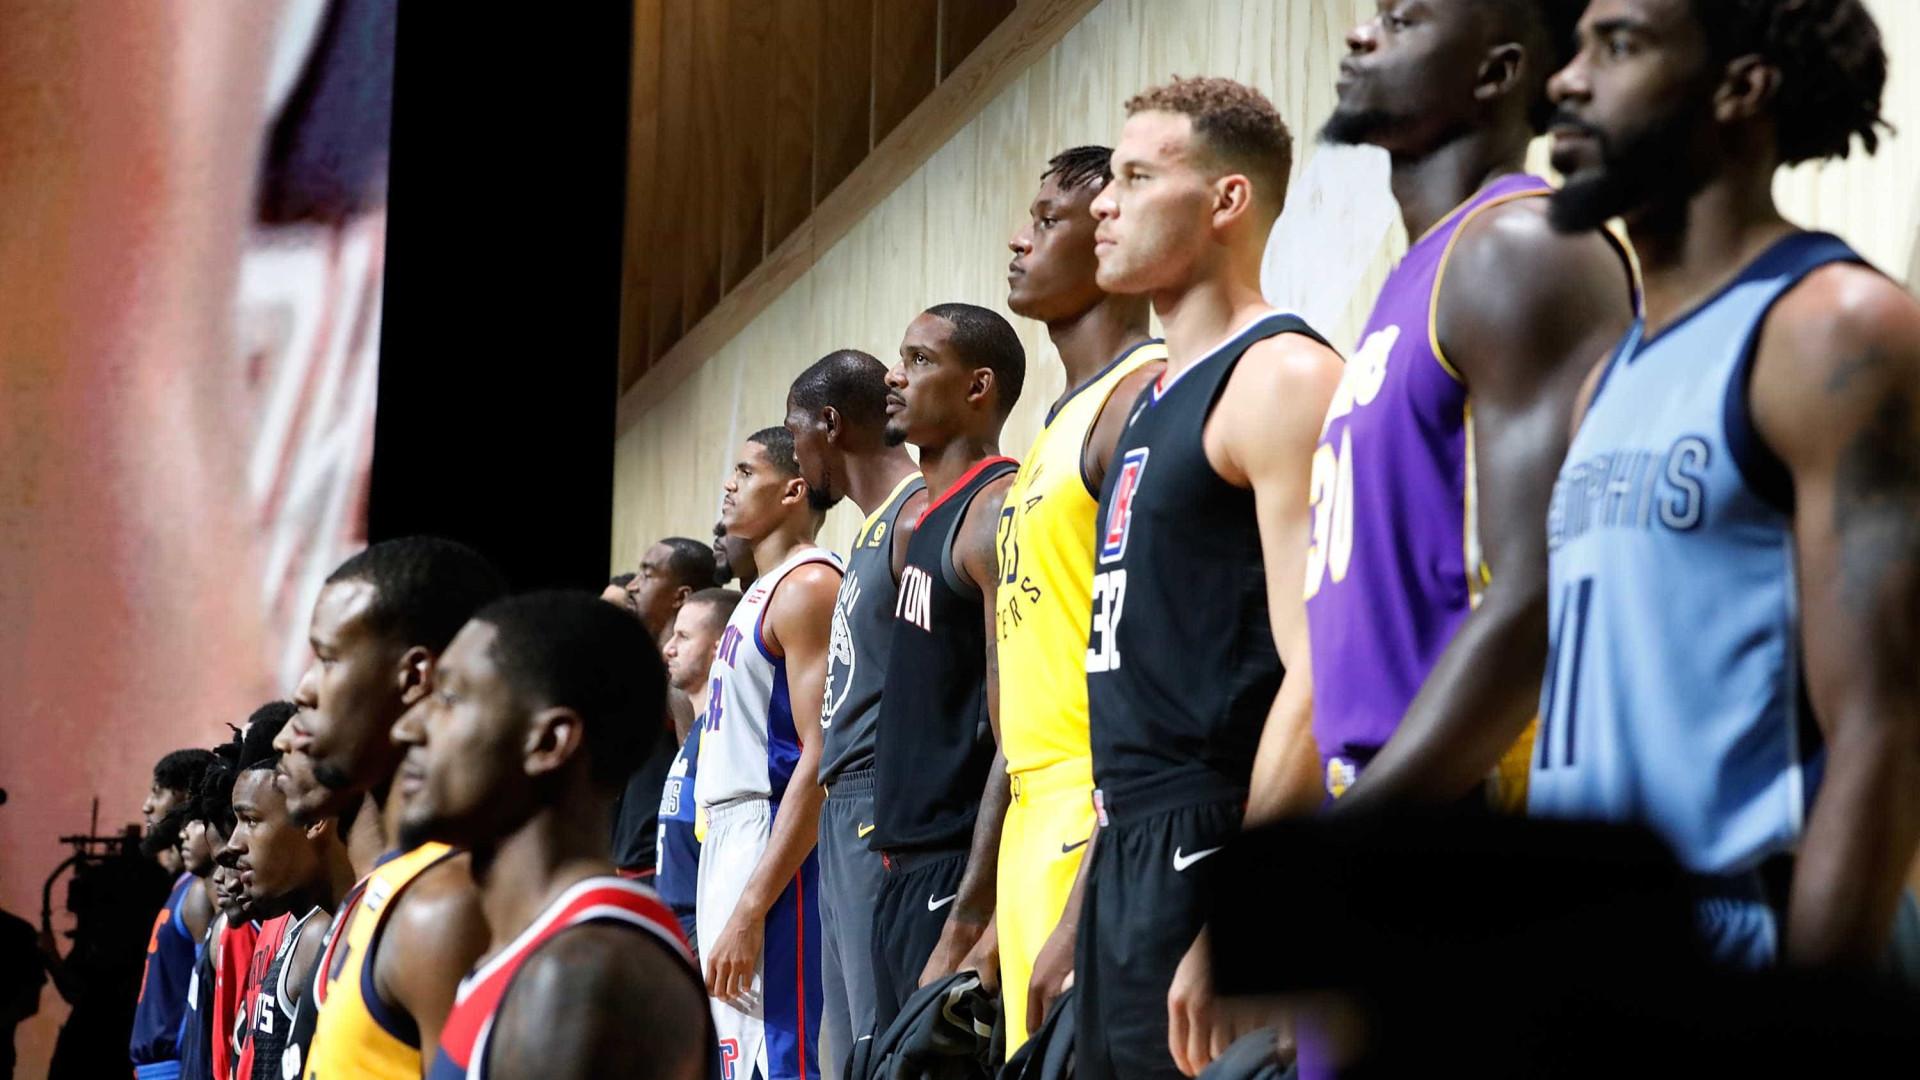 NBA: Assim vestirão as 30 equipas da NBA em 2017/18